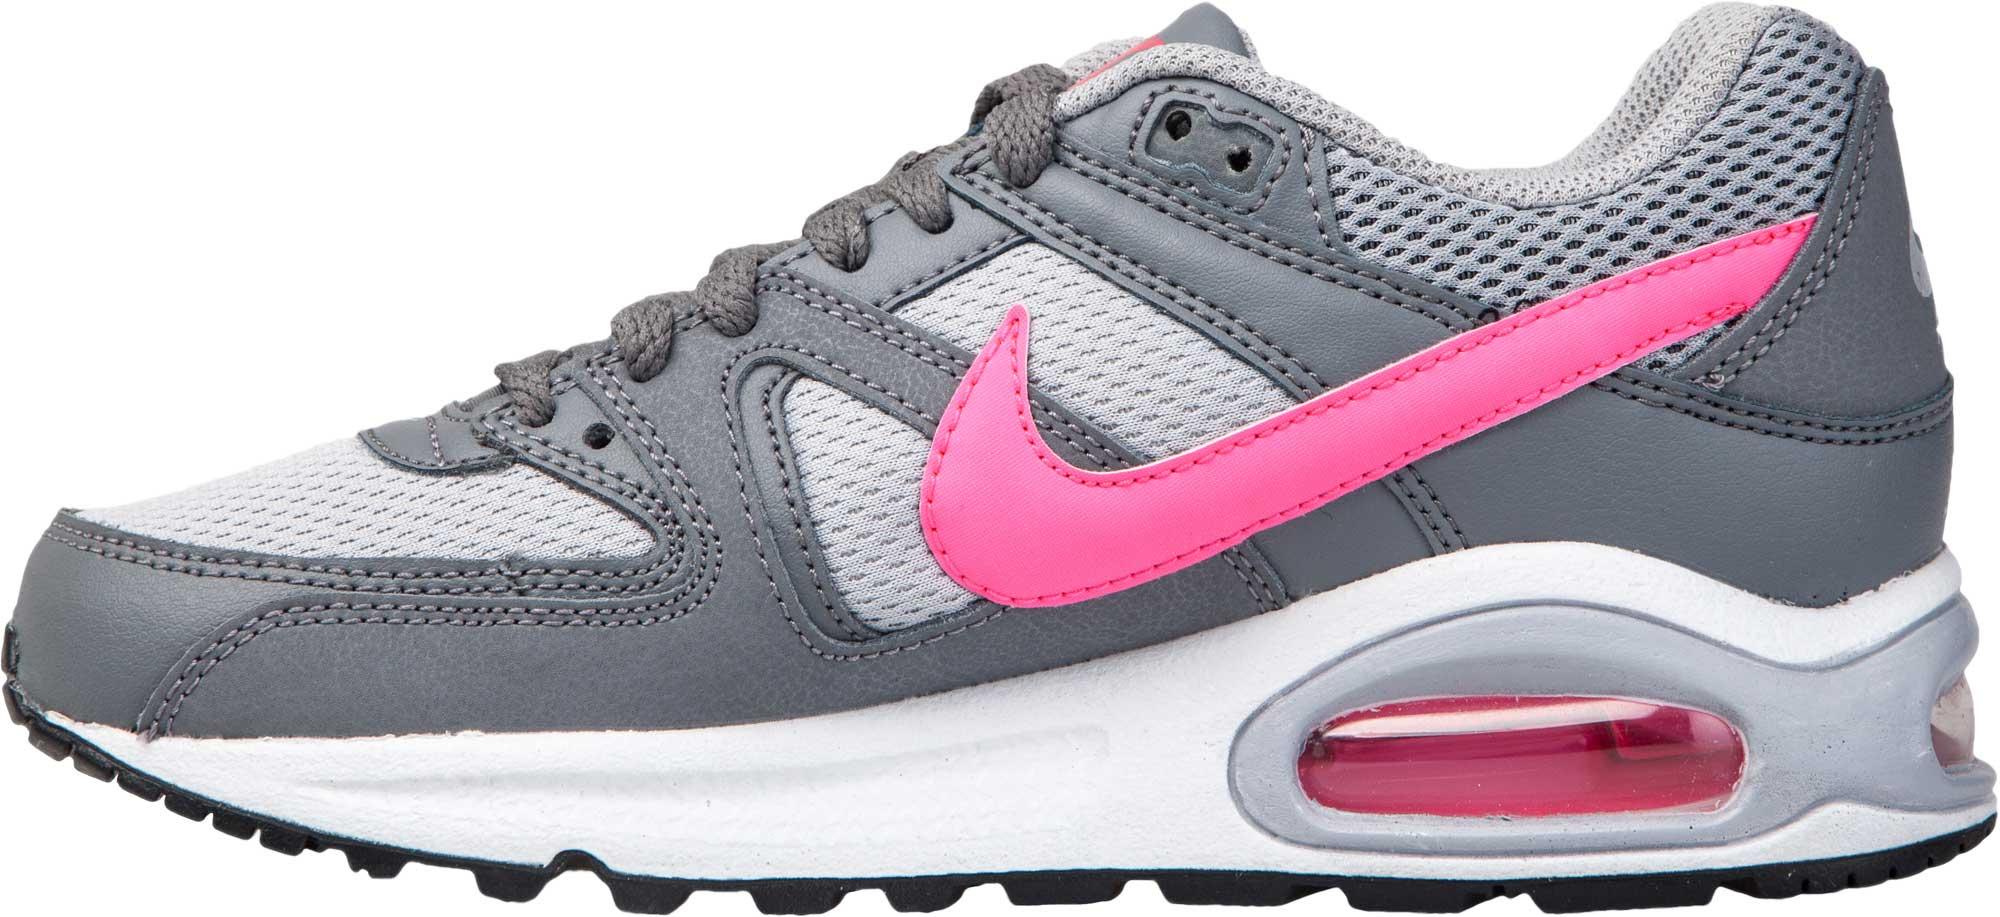 Nike AIR MAX COMMAND GS  b6c4141190